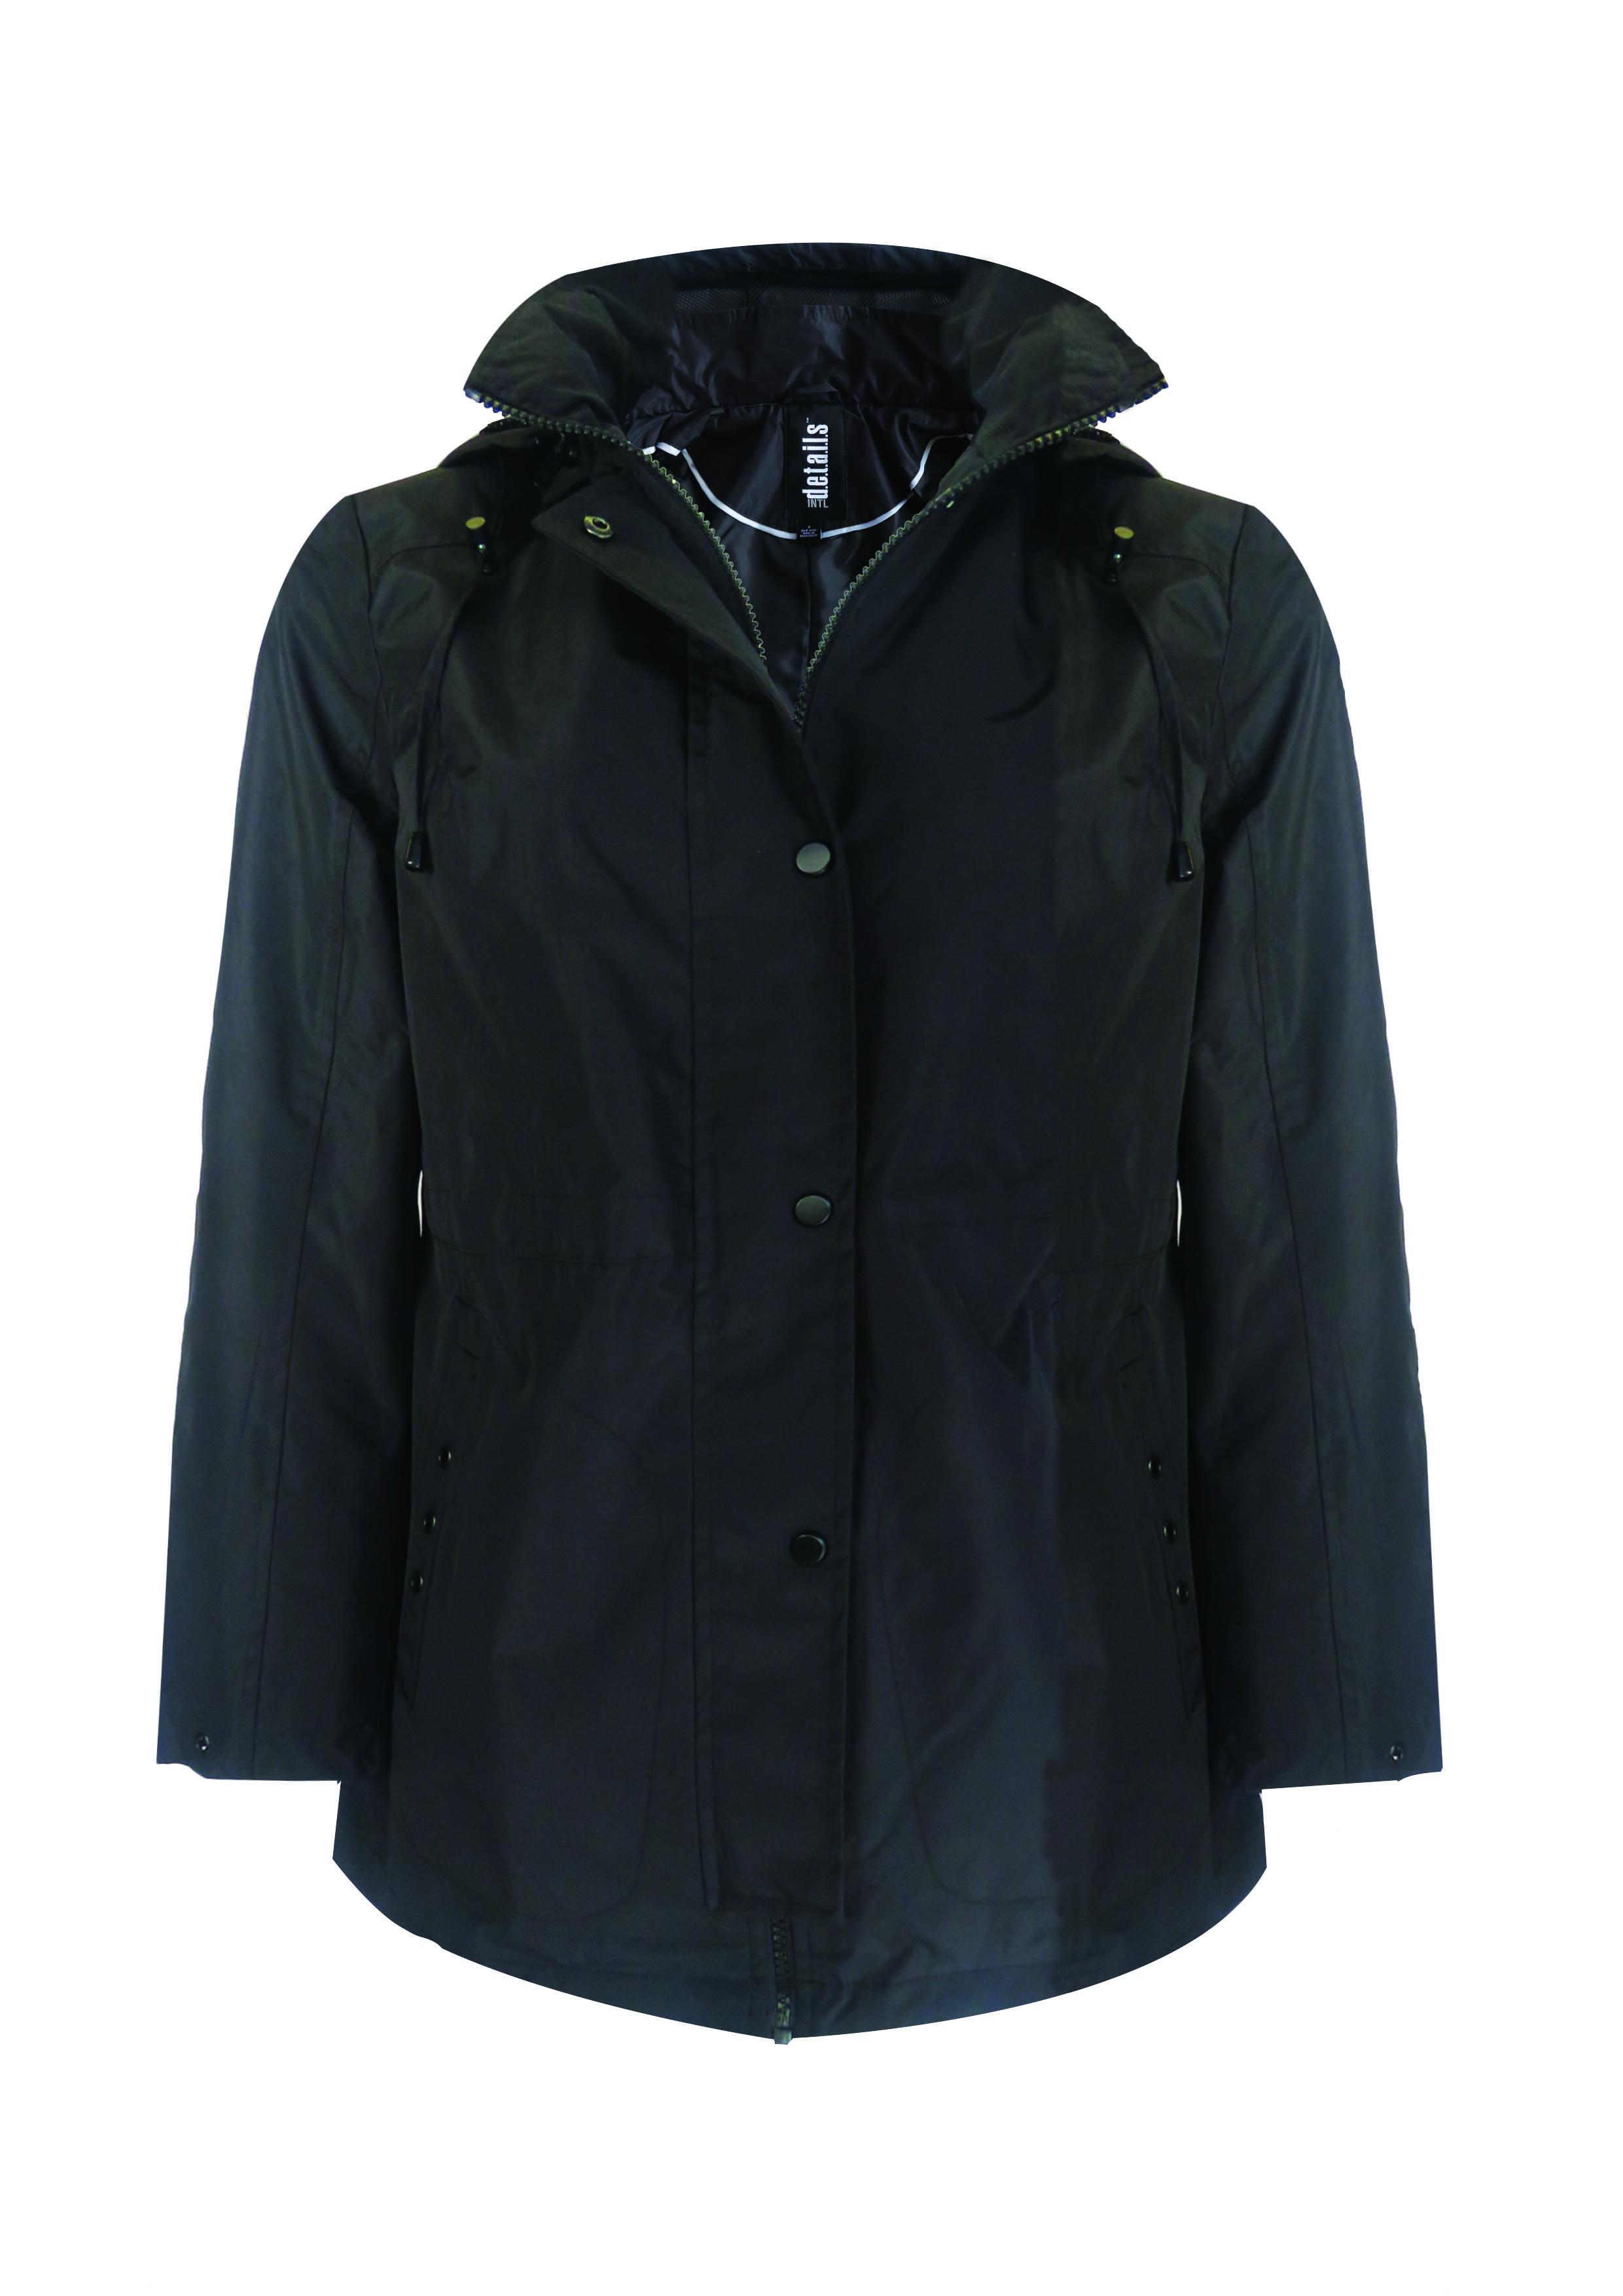 blackraincoat1.jpg